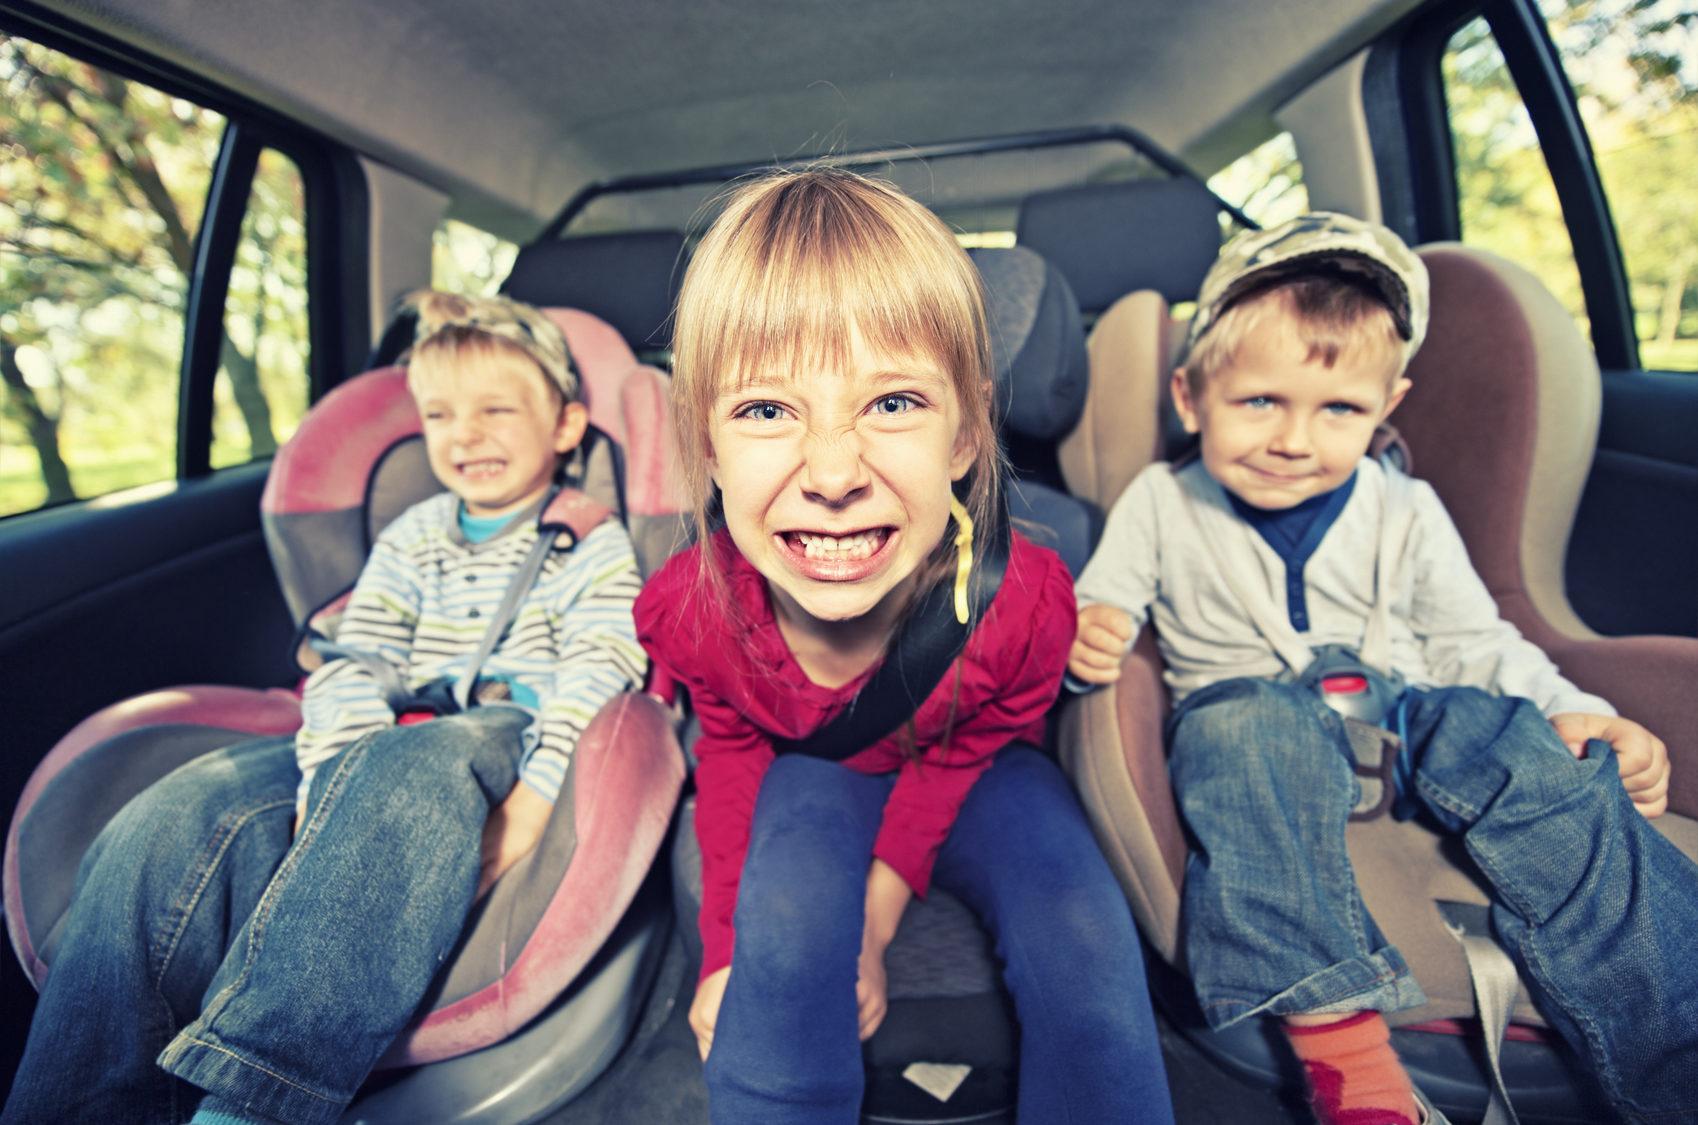 Viagens mais divertidas com crianças a bordo